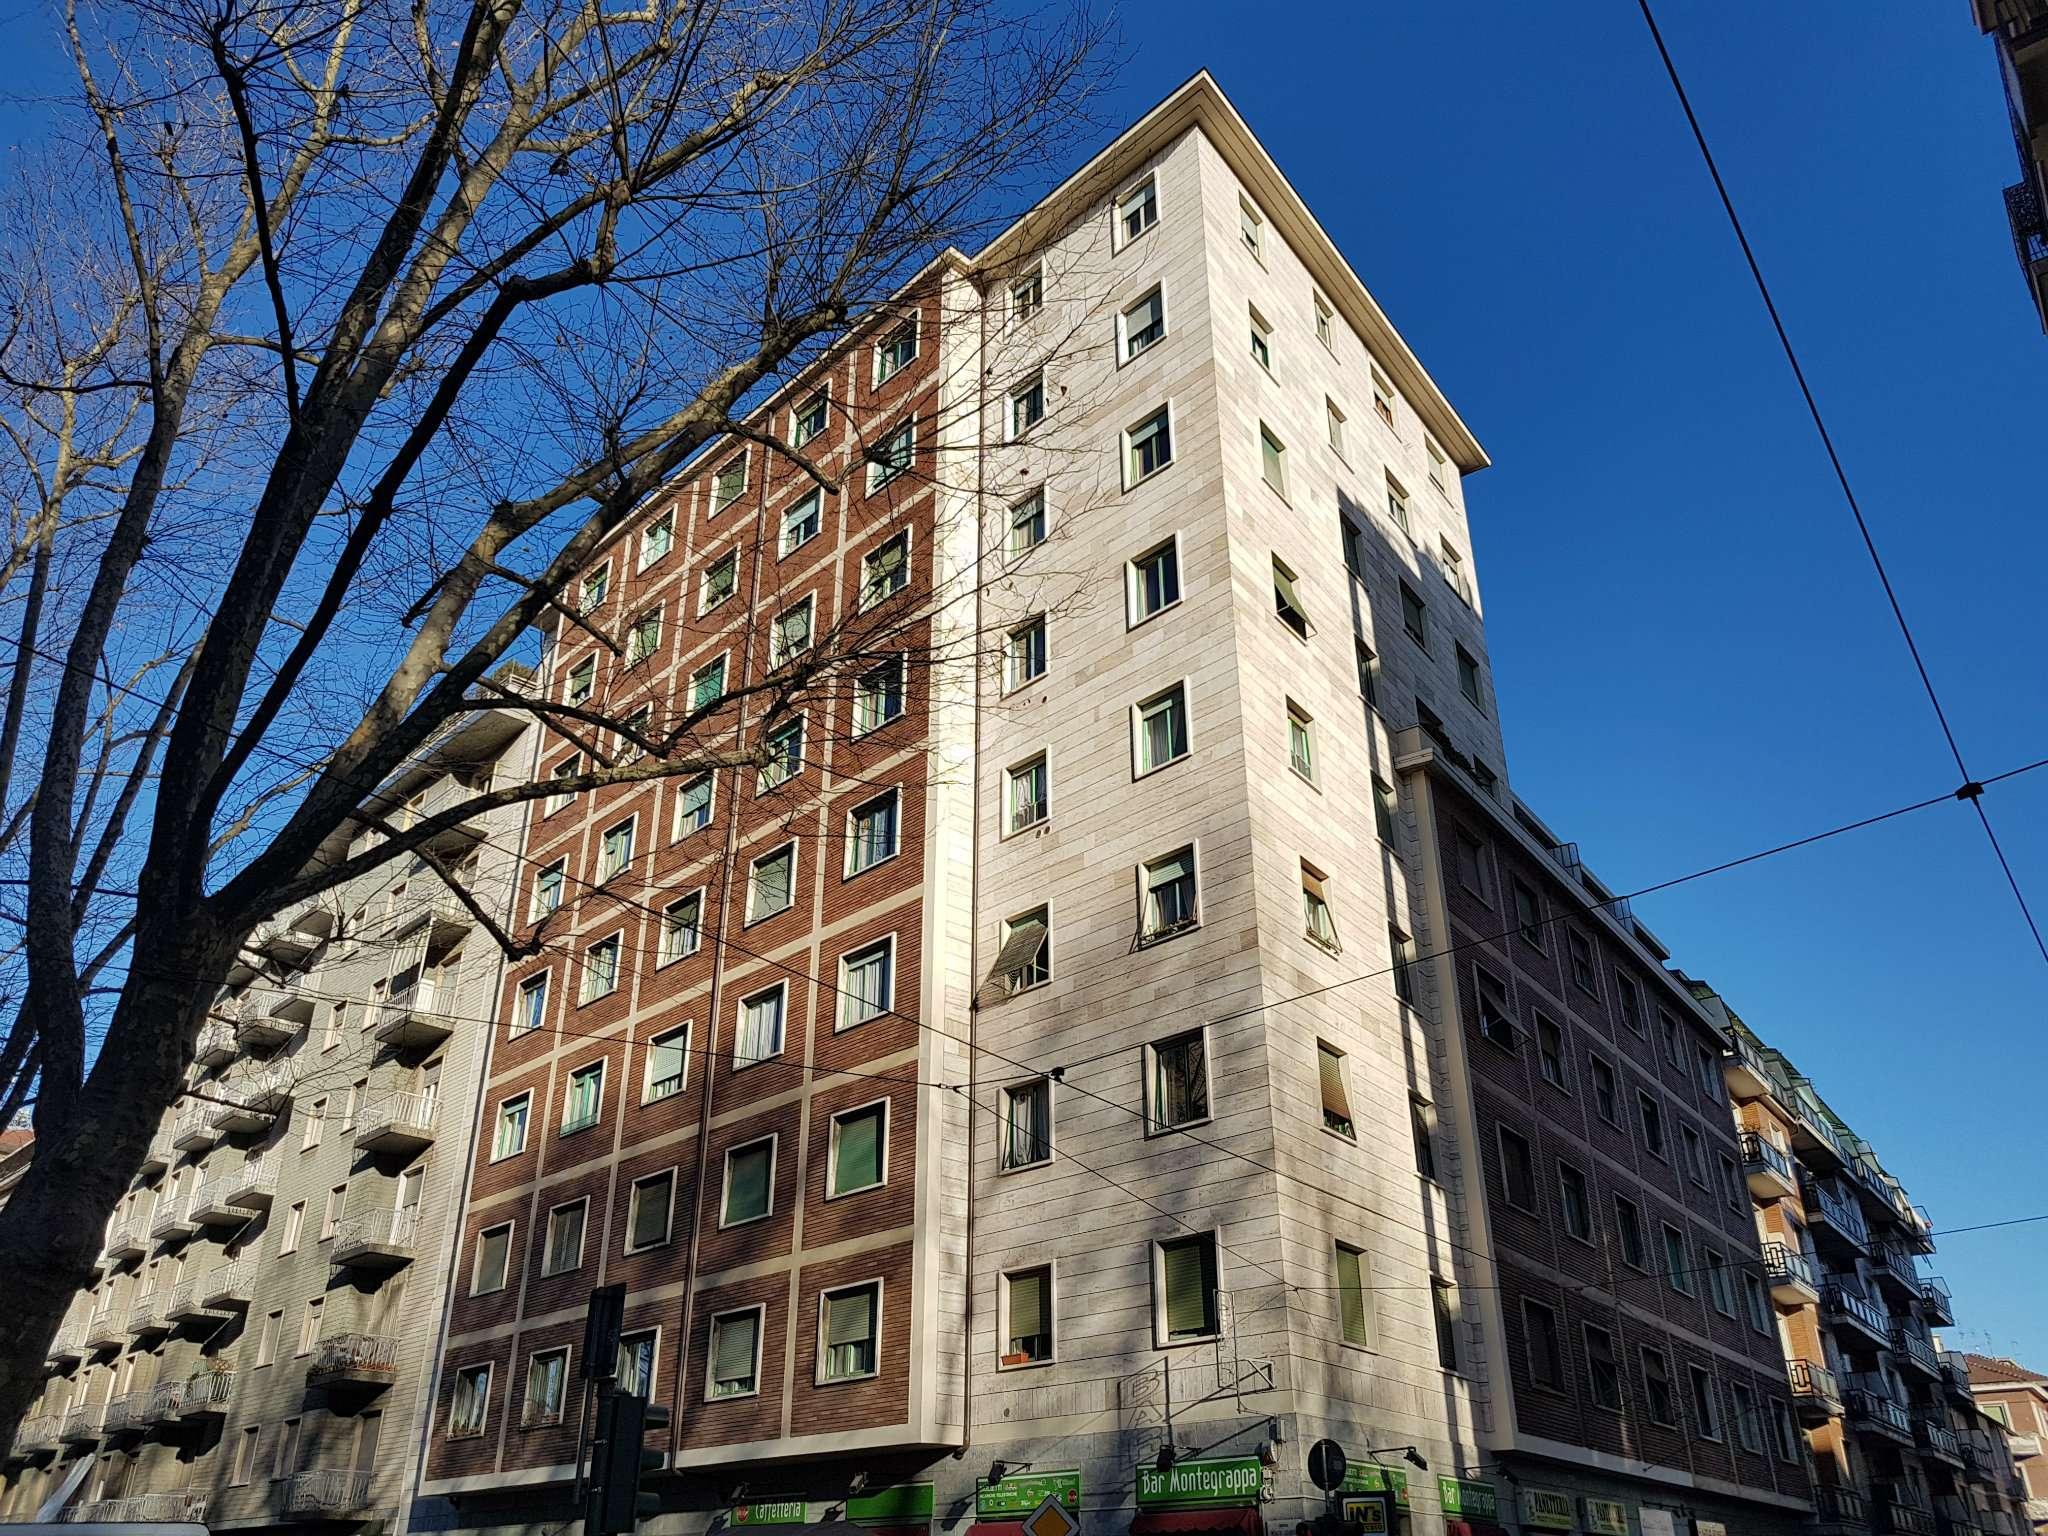 Affitto - Appartamento - Torino - AFFITTO BILOCALE ARREDATO PARELLA EURO 450 CON ASCENSORE